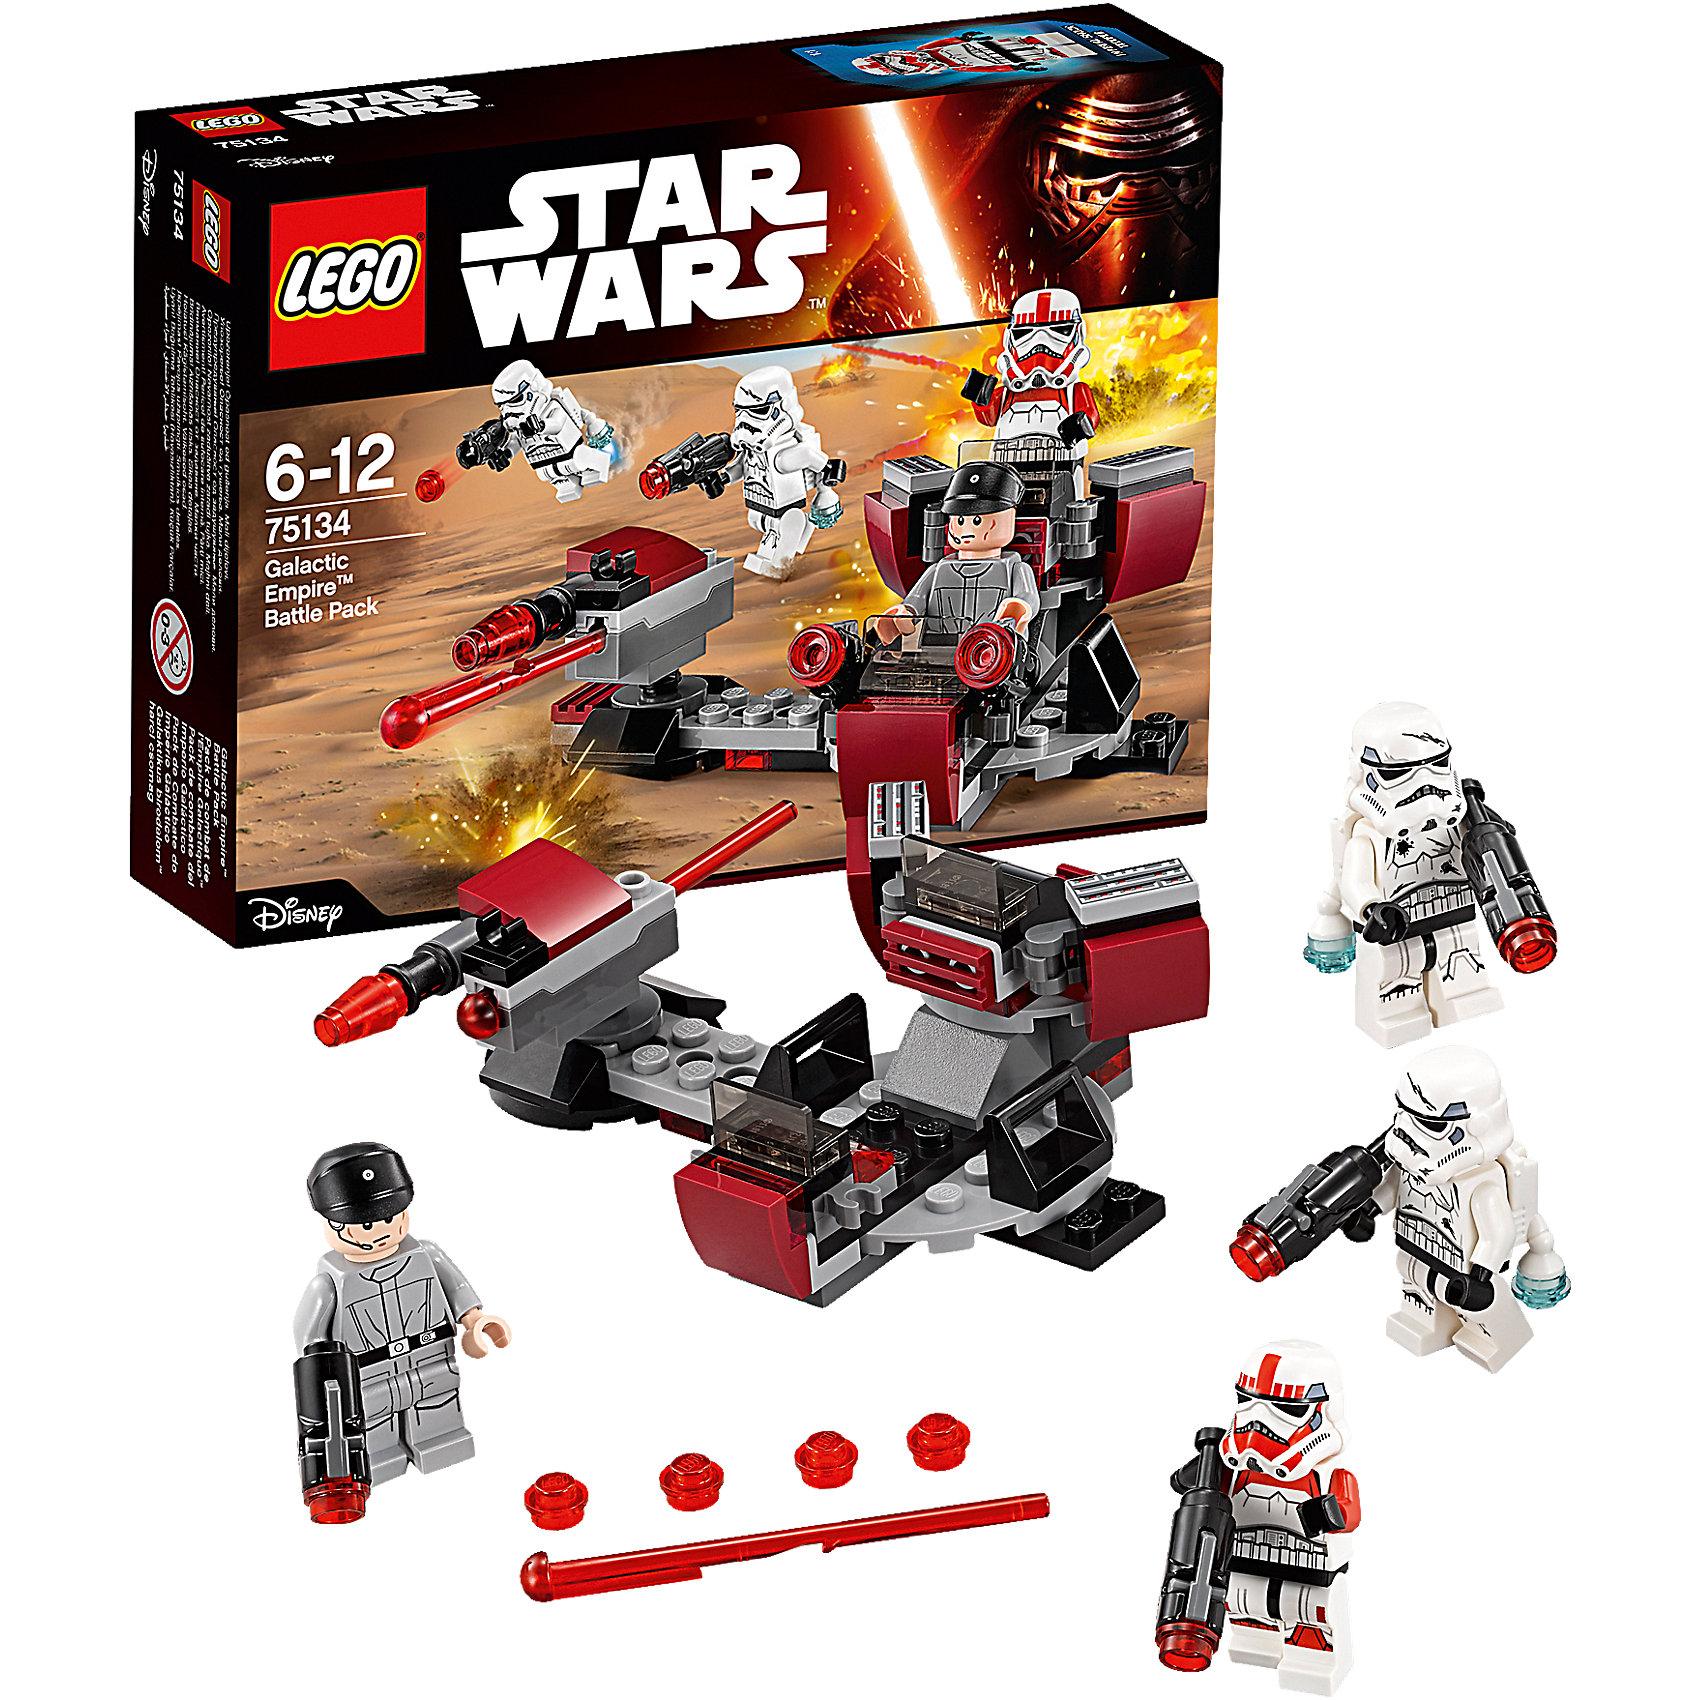 LEGO Star Wars 75134: Боевой набор Галактической Империи™LEGO Star Wars (ЛЕГО Звездные войны) 75134: Боевой набор Галактической Империи станет прекрасным подарком для всех поклонников знаменитой киносаги. Воссоздай захватывающие сцены из 7 эпизода Звездные Войны. Пробуждение Силы и устрой грандиозное сражение между силами Первого Ордена и бойцами Сопротивления. В комплекте Вы найдете все необходимые детали для сборки мобильной боевой установки имперских войск. Модель состоит из серых и красных деталей и имеет необычную крестообразную форму. Слева находится центр управления, где размещается место офицера с приборной панелью и креплениями для оружия. Уровнем выше оборудована дозорная вышка для ударного штурмовика, который следит за приближением противника. Чтобы отразить атаку врага, на правом крыле установки предусмотрена мощная бластерная пушка. В комплект также входят четыре минифигурки вооруженных солдат Галактической Империи: офицера, штурмовика-сжигателя и двух штурмовиков-летунов с реактивными ранцами.  <br><br>Все конструкторы серии ЛЕГО Звездные войны созданы по мотивам знаменитой киносаги Звездные войны и воспроизводят самые популярные сюжеты и эпизоды фильма. В наборах представлены все основные средства вооружения и боевые единицы, задействованные в фильме.<br>Фантастические истребители, машины, роботы, оружие, фигурки персонажей выполнены очень реалистично, с высокой степенью детализации.<br><br>Дополнительная информация:<br><br>- Игра с конструктором LEGO (ЛЕГО) развивает мелкую моторику ребенка, фантазию и воображение, учит его усидчивости и внимательности.<br>- Количество деталей: 109.<br>- Количество минифигур: 4.<br>- Серия: LEGO Star Wars (ЛЕГО Звездные войны).<br>- Материал: пластик.<br>- Размер упаковки: 19 х 4,5 х 14 см.<br>- Вес: 0,125 кг.<br><br>Конструктор LEGO Star Wars (ЛЕГО Звездные войны) 75134: Боевой набор Галактической Империи можно купить в нашем интернет-магазине.<br><br>Ширина мм: 193<br>Глубина мм: 142<br>Высота мм: 50<br>Вес г: 117<